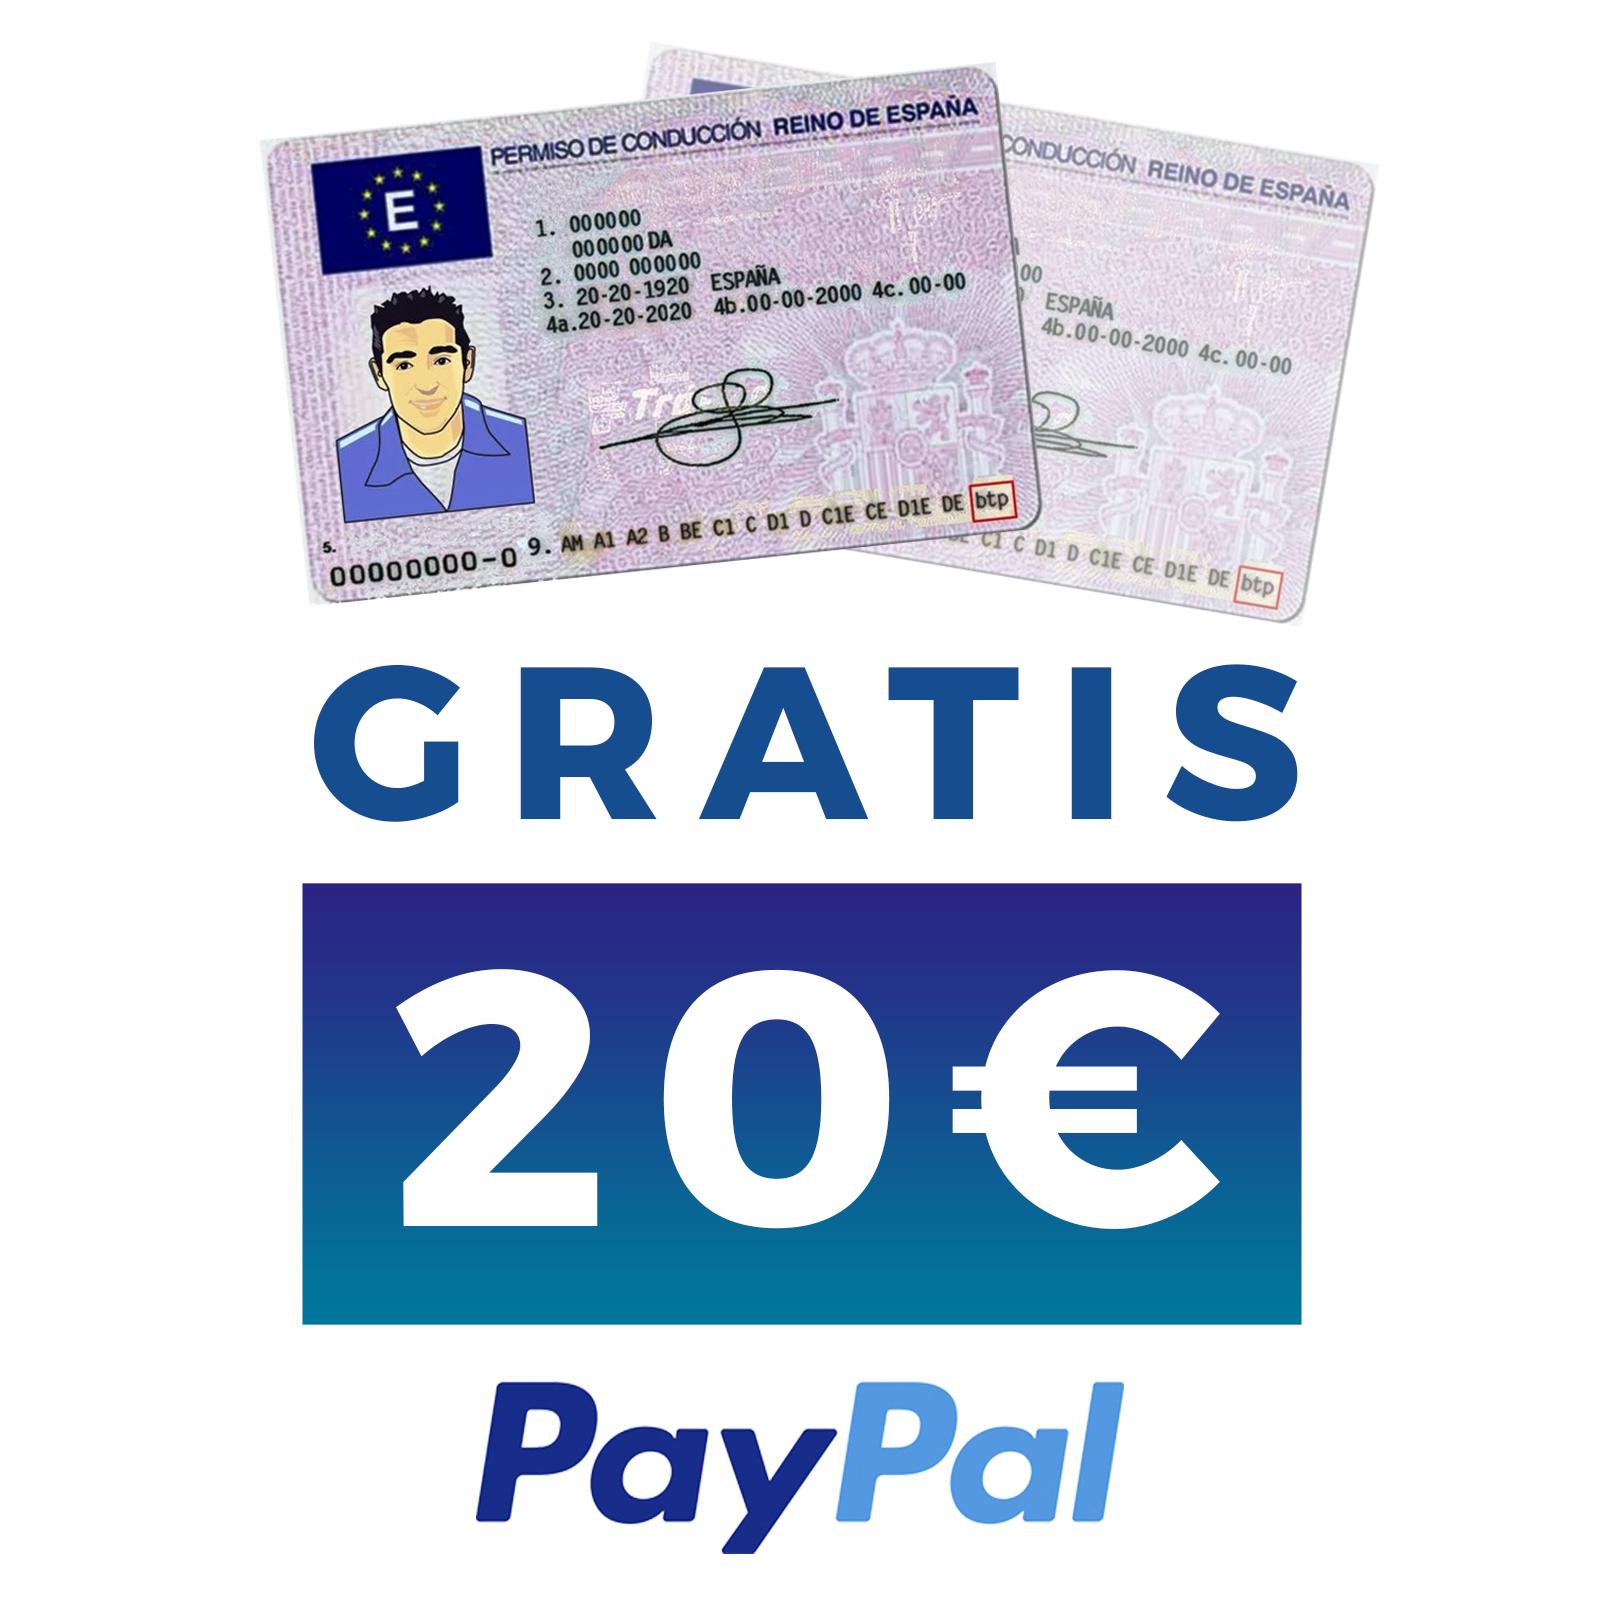 20€ GRATIS en PayPal al validar nuestro Carnet de Conducir